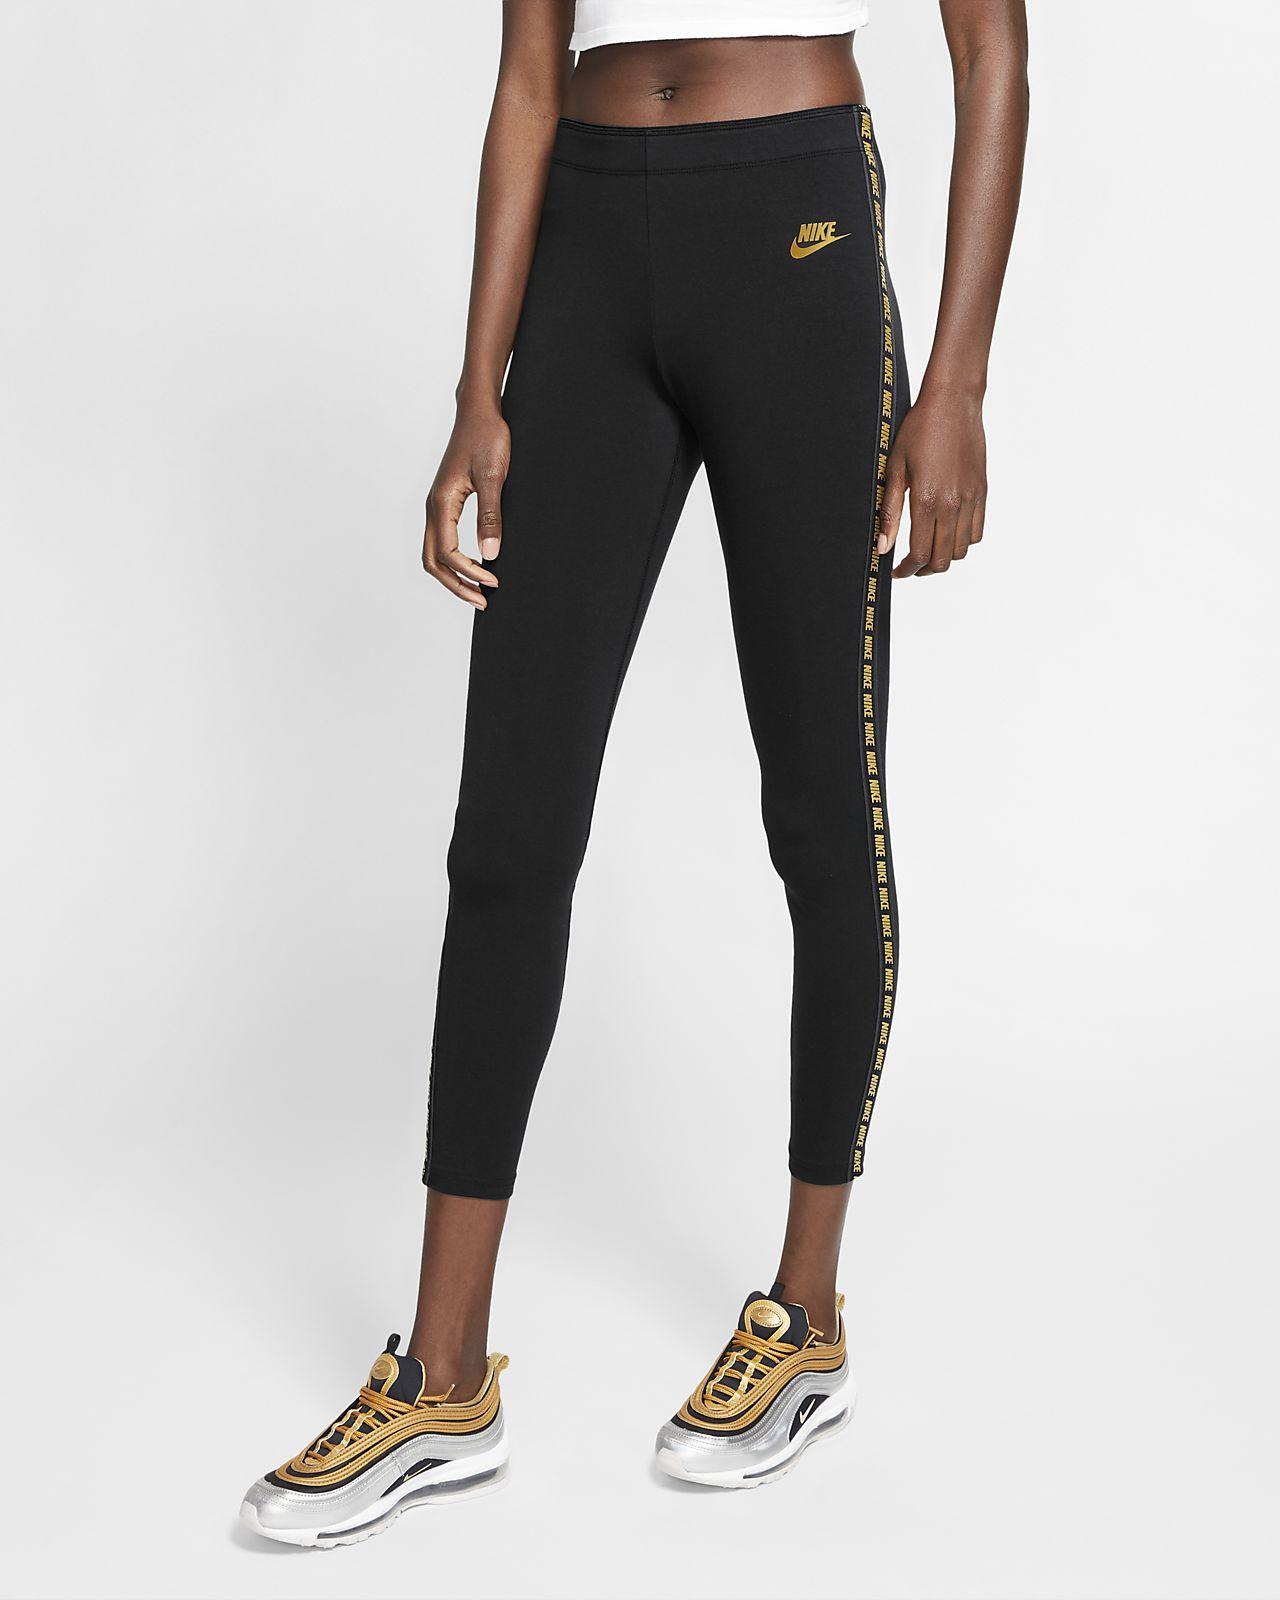 legging sportswear